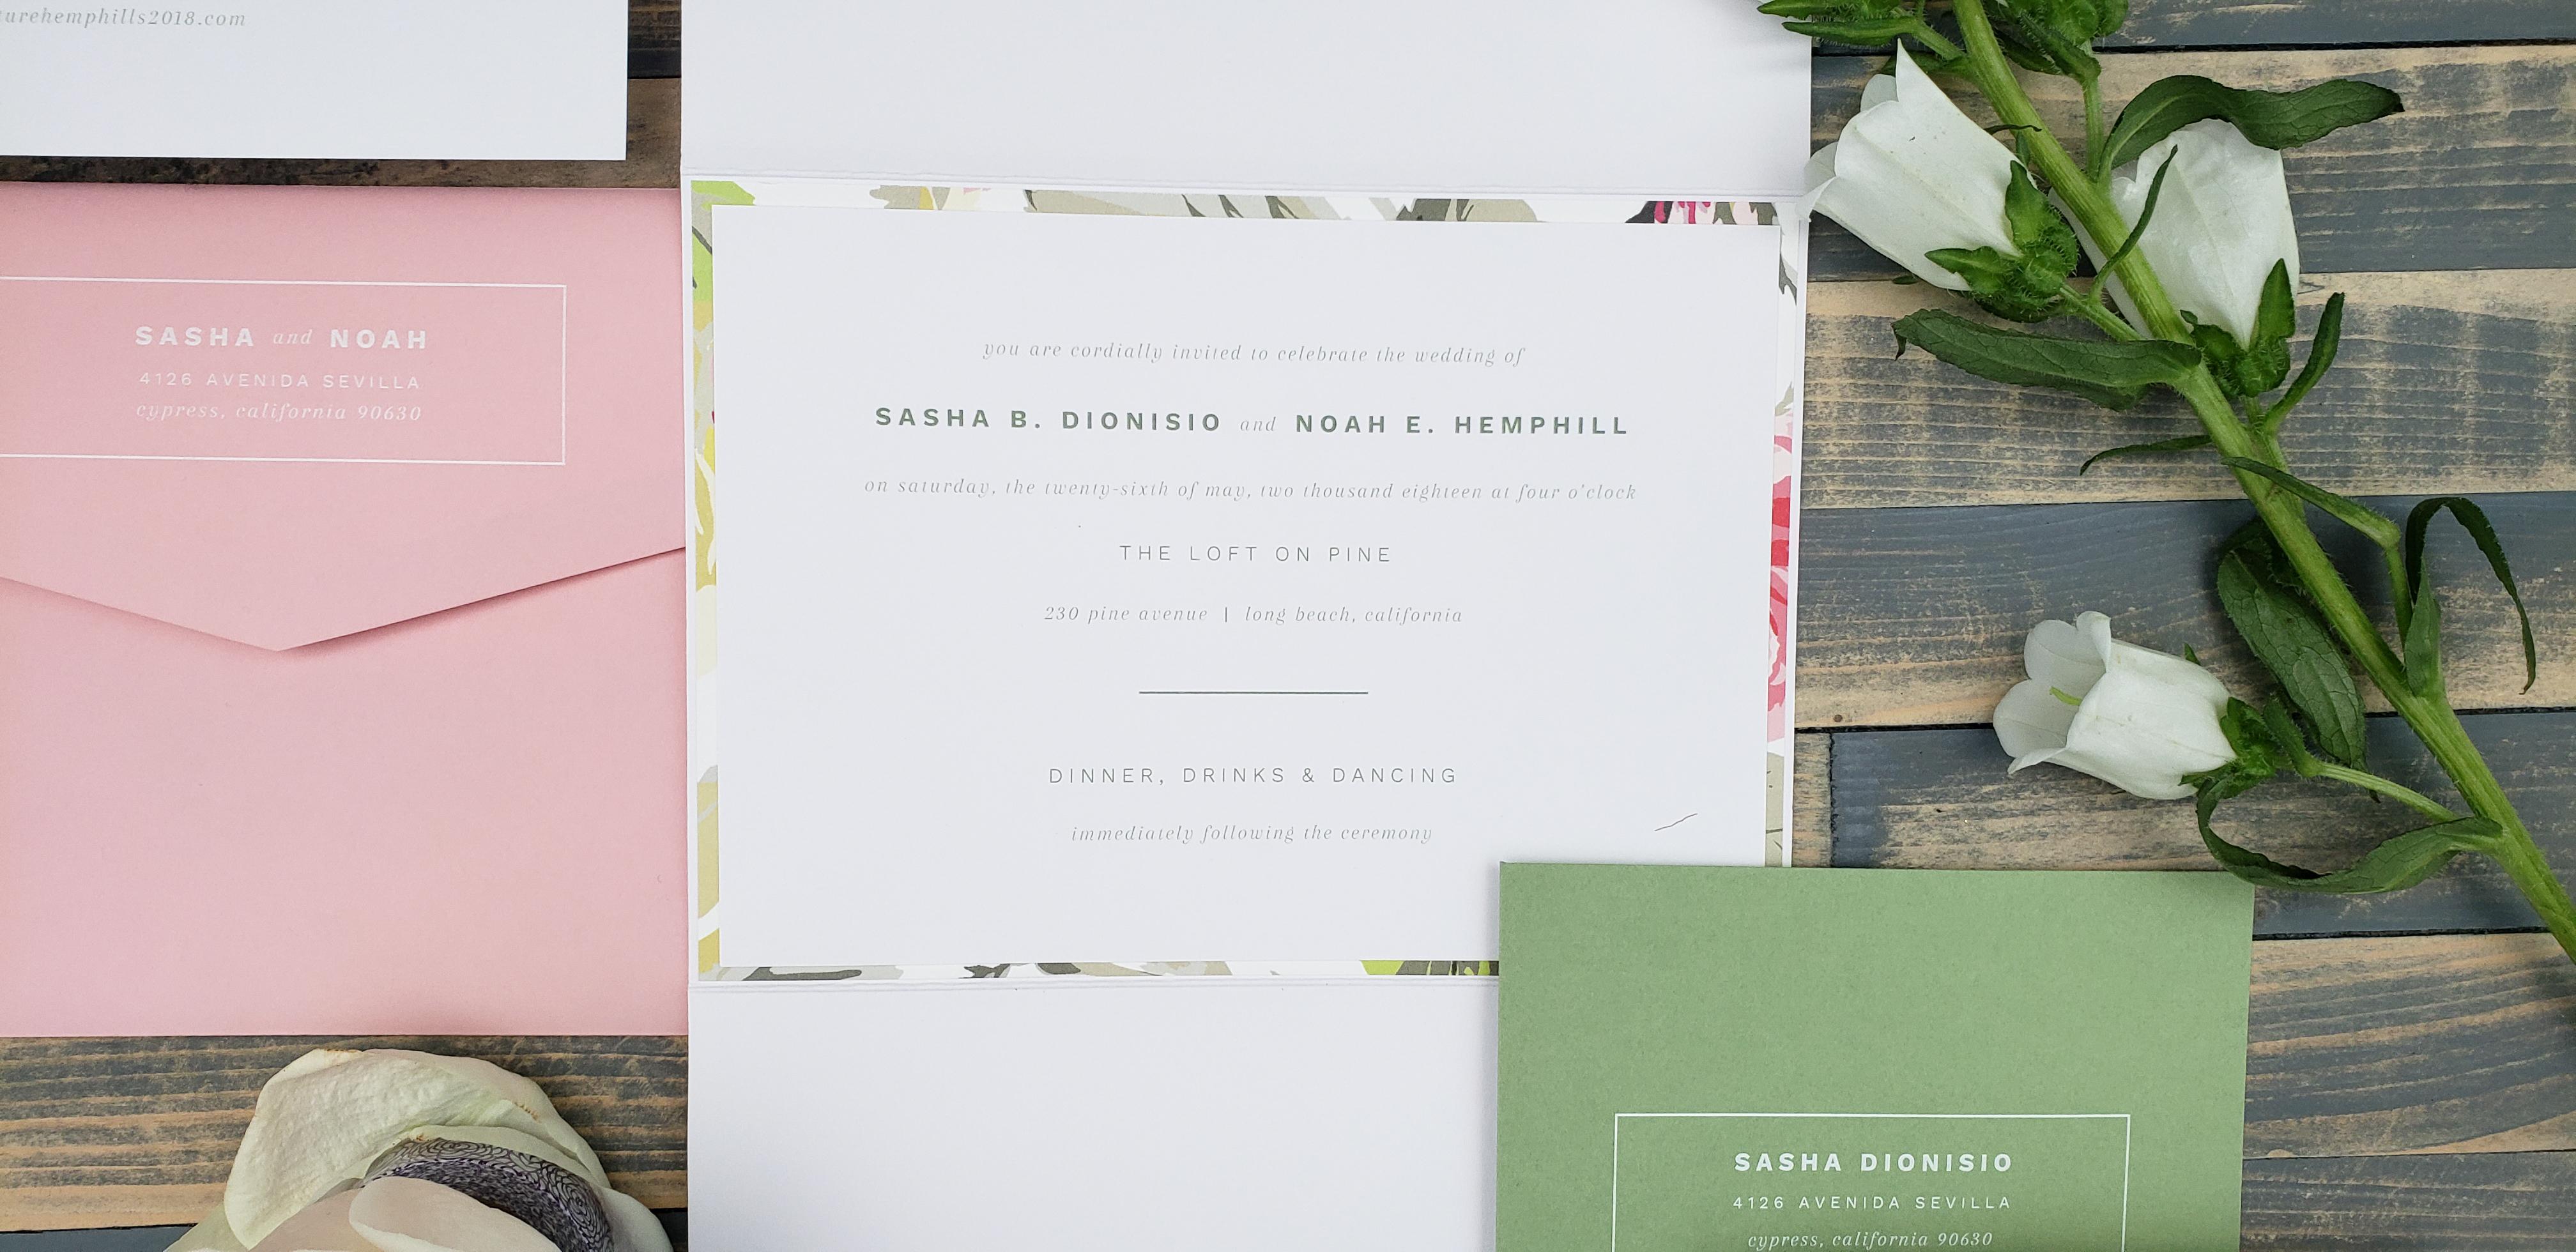 Minimalist floral wedding invitations